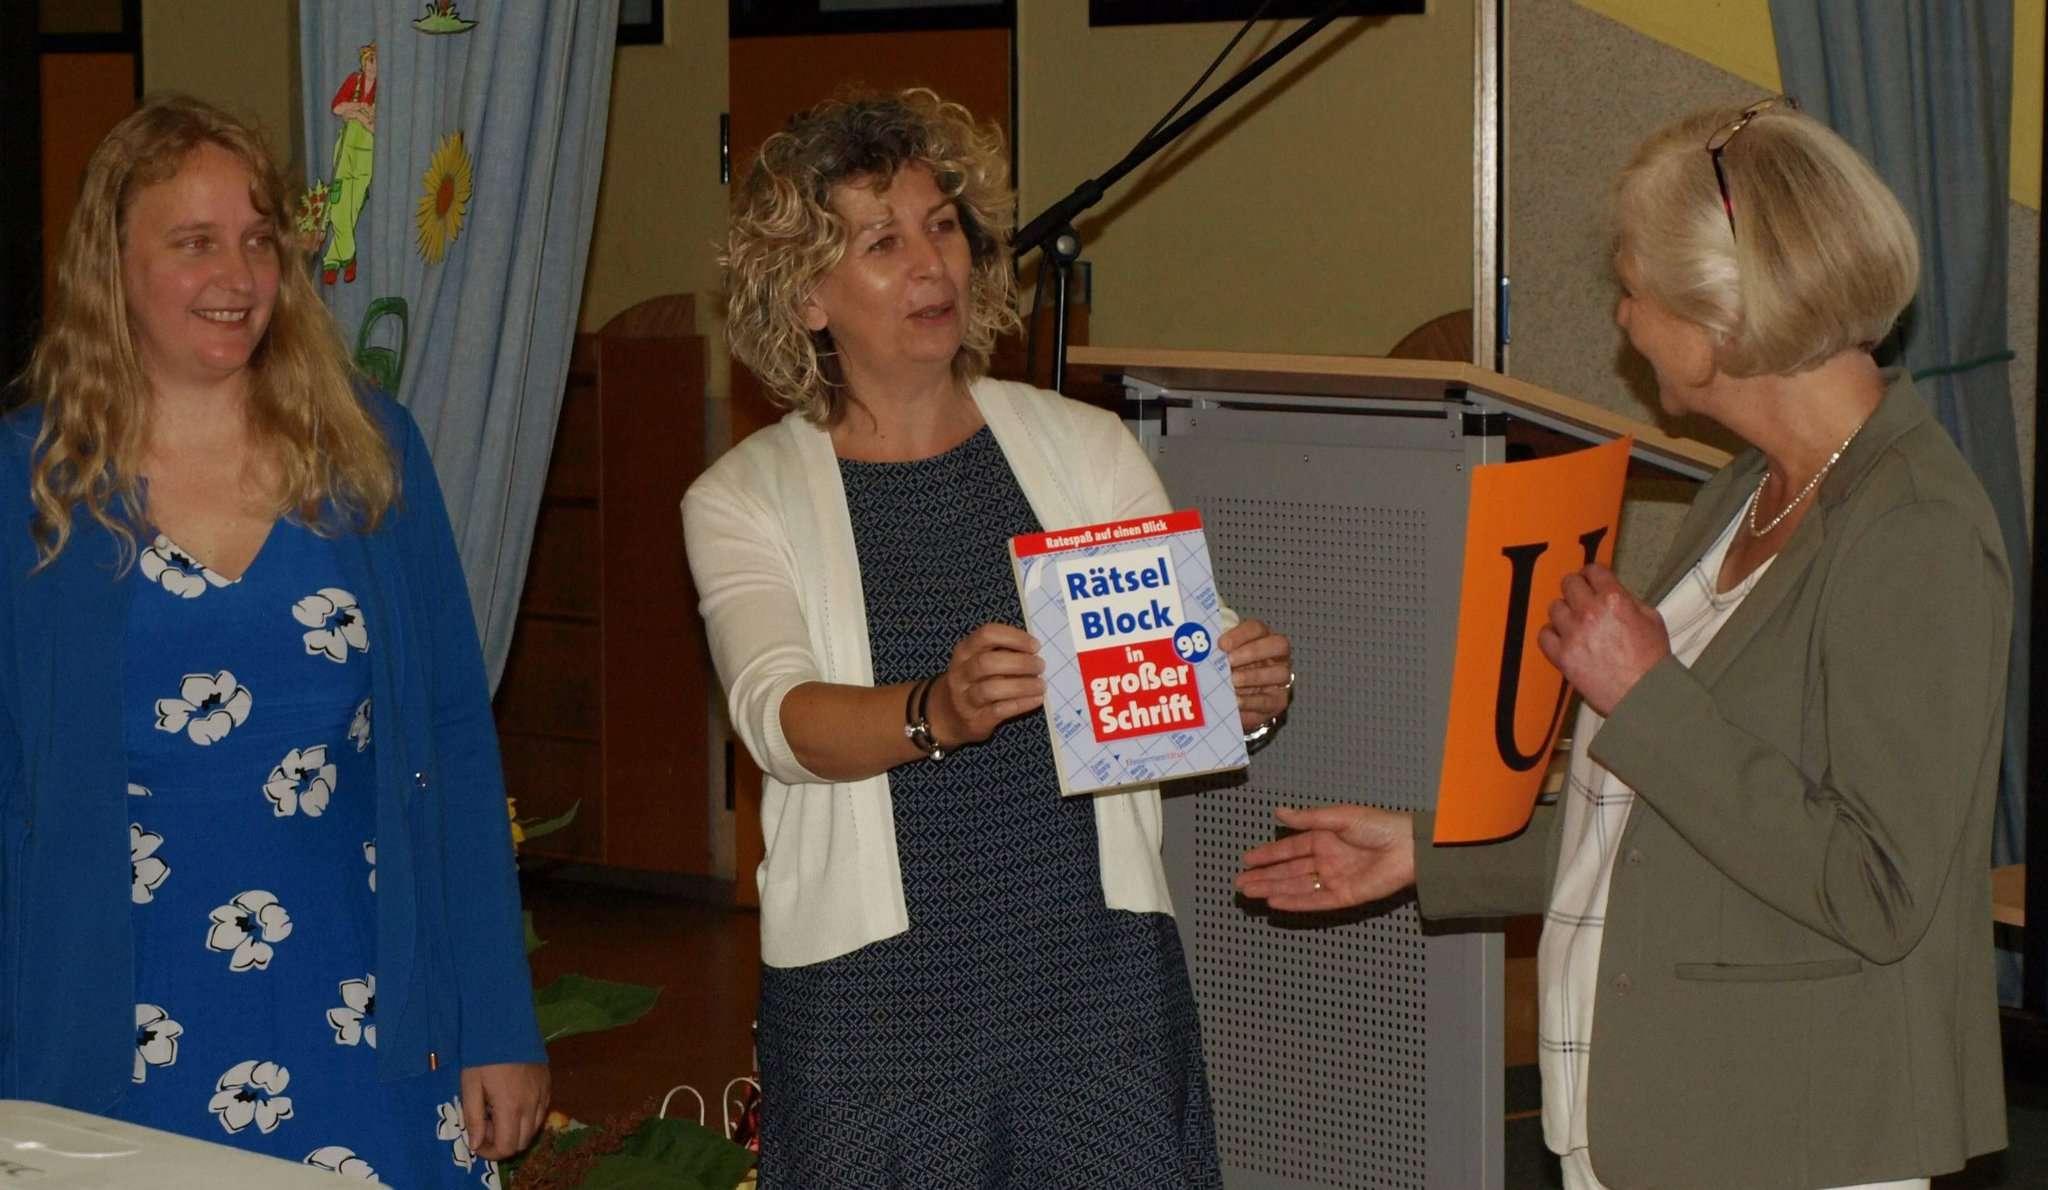 Geschenke von den Schulleiter-Kolleginnen: Nadja Köhler (von links), Frauke Stiffel und Susanne Schumann.